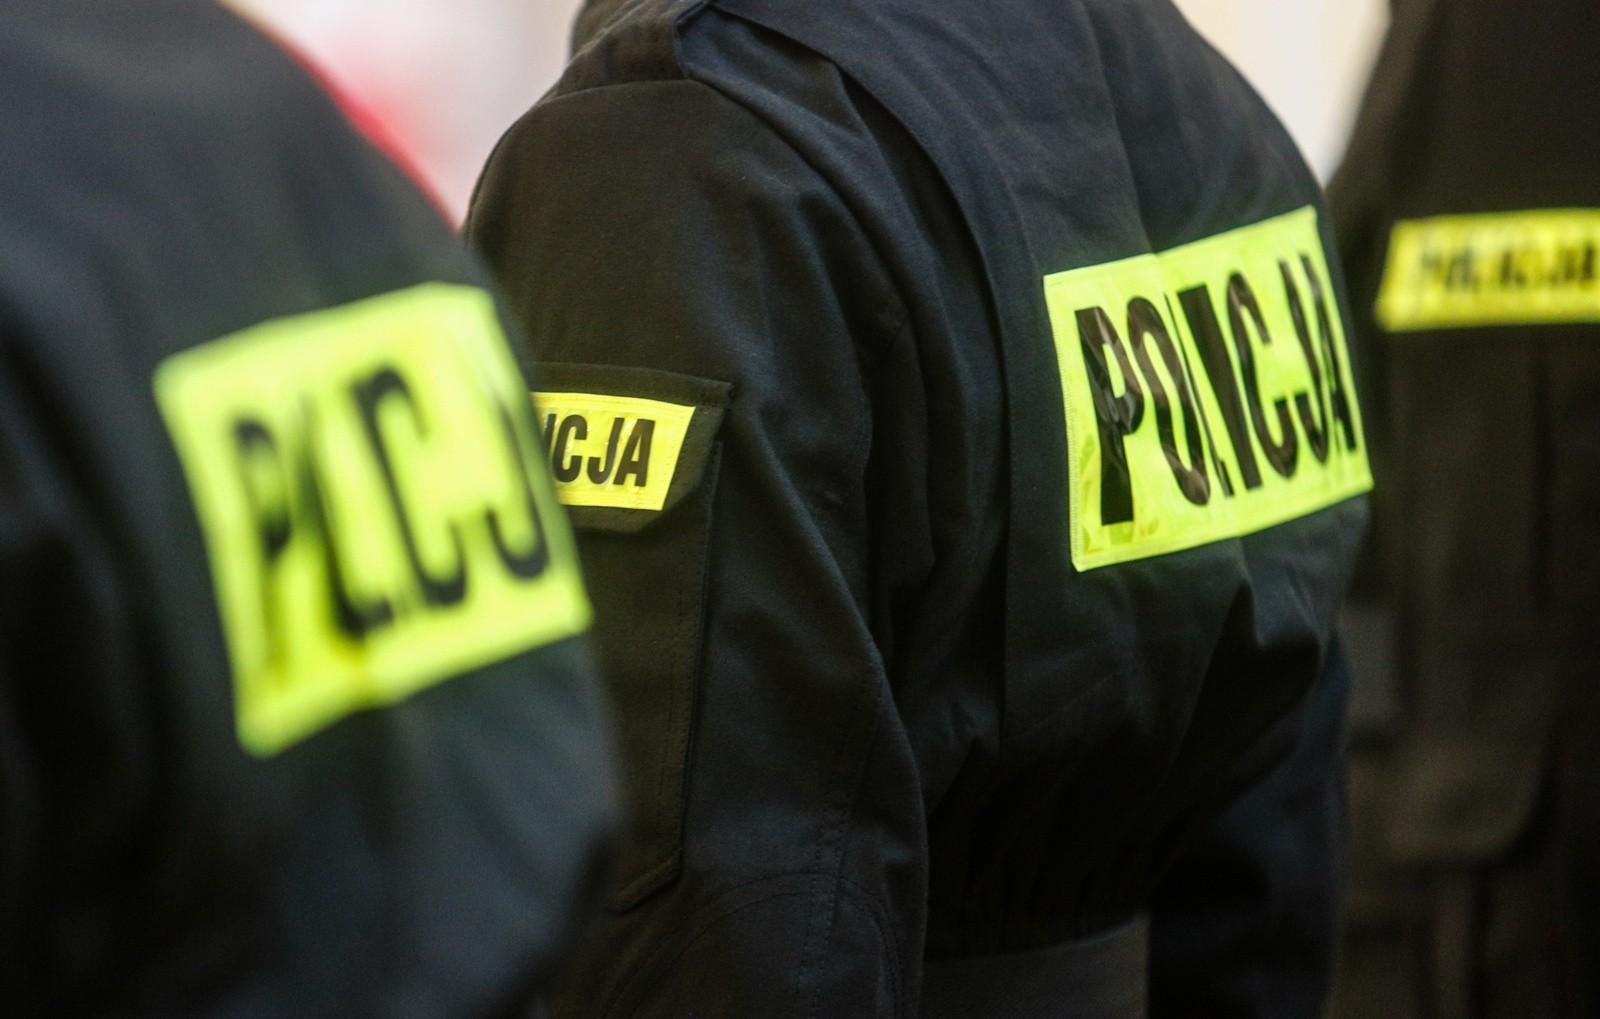 30-latek znaleziony martwy. Śledczy zatrzymali policjantów! - Zdjęcie główne